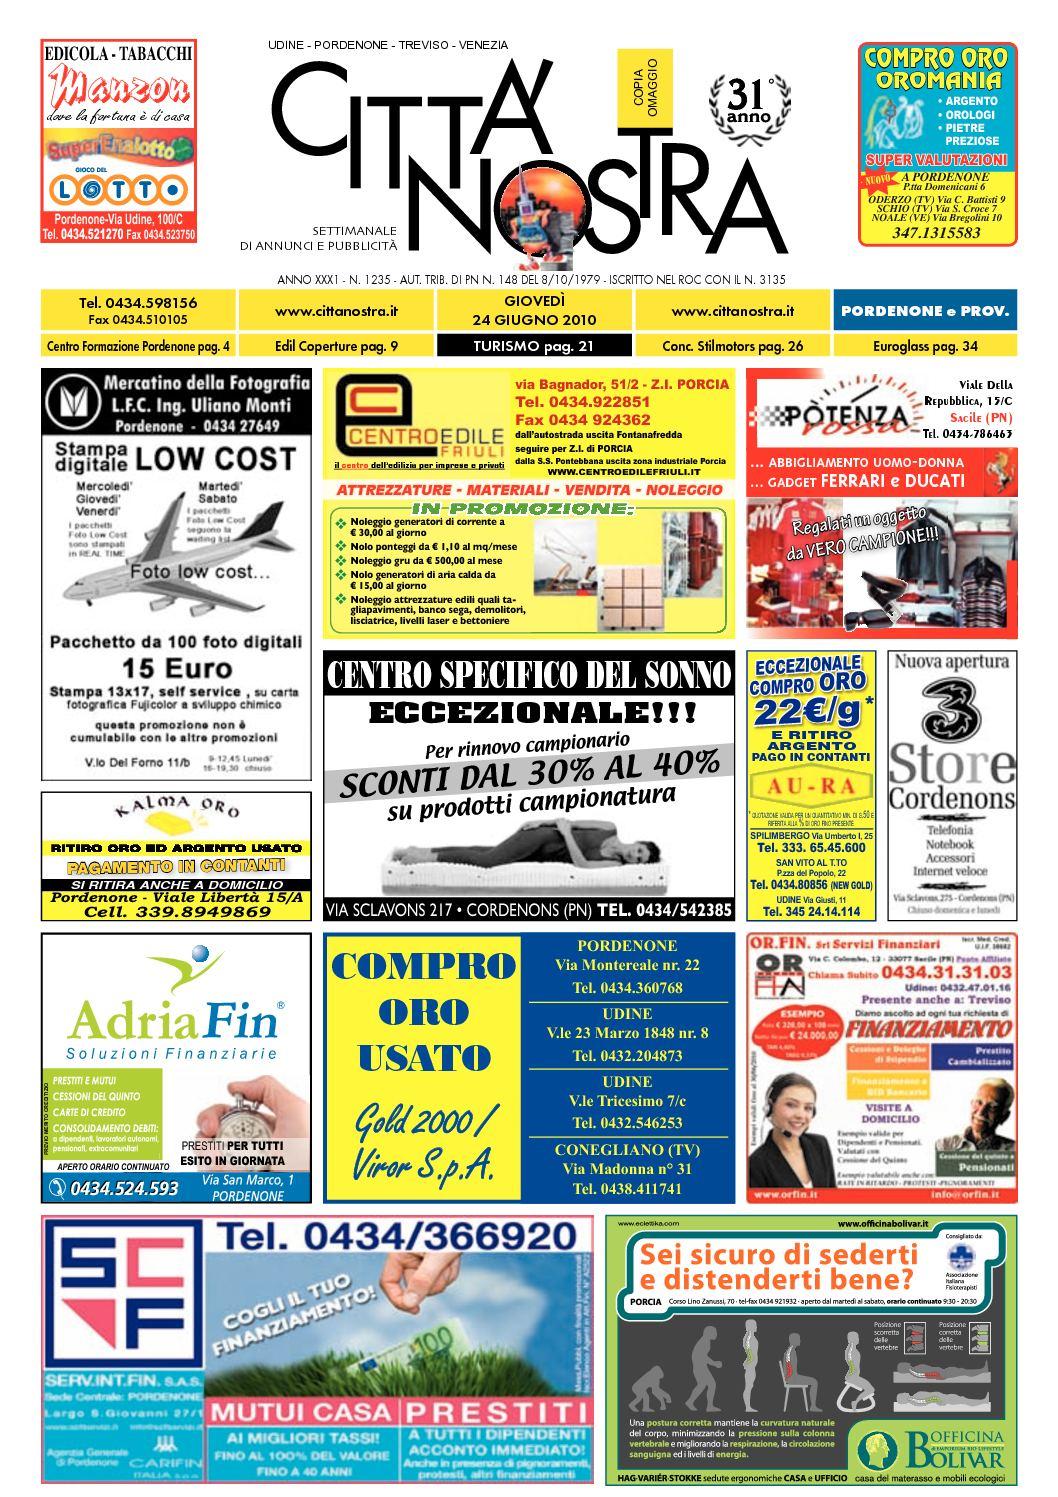 Calaméo Citt Nostra Pordenone Del 24 06 2010 N 1235